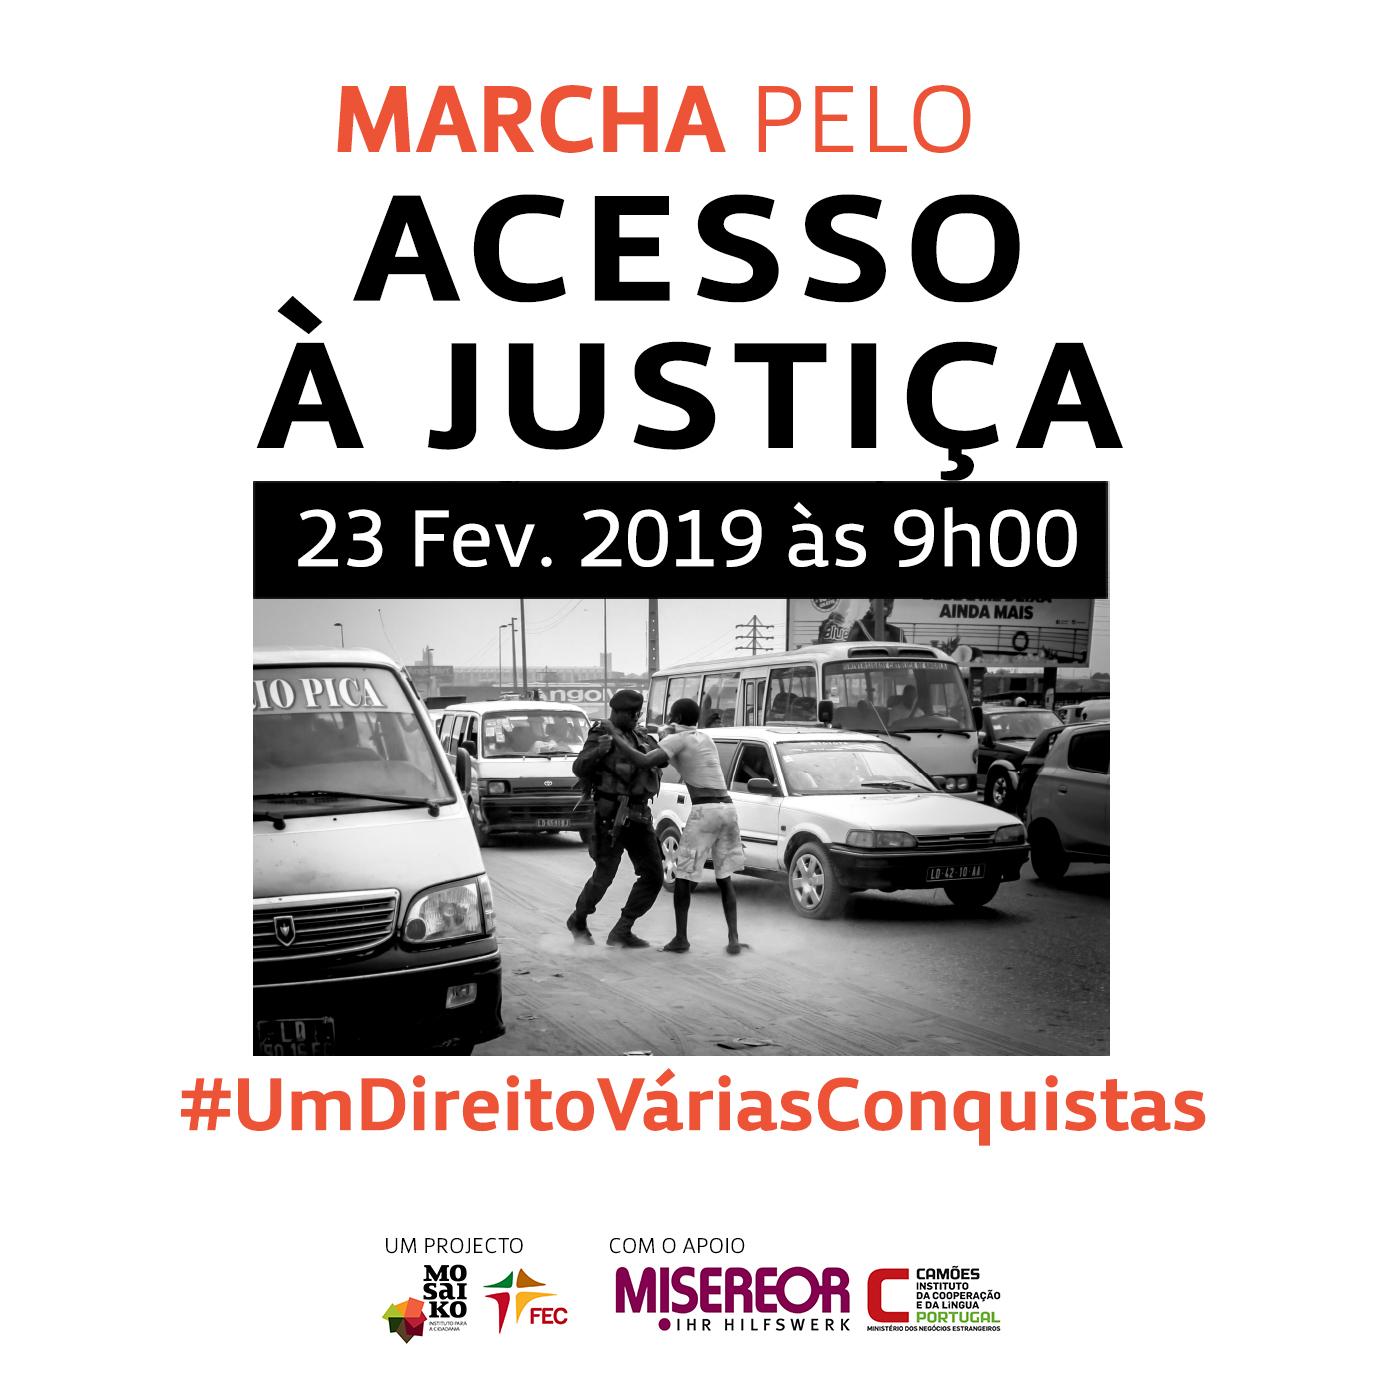 Marcha pela Justiça em Angola